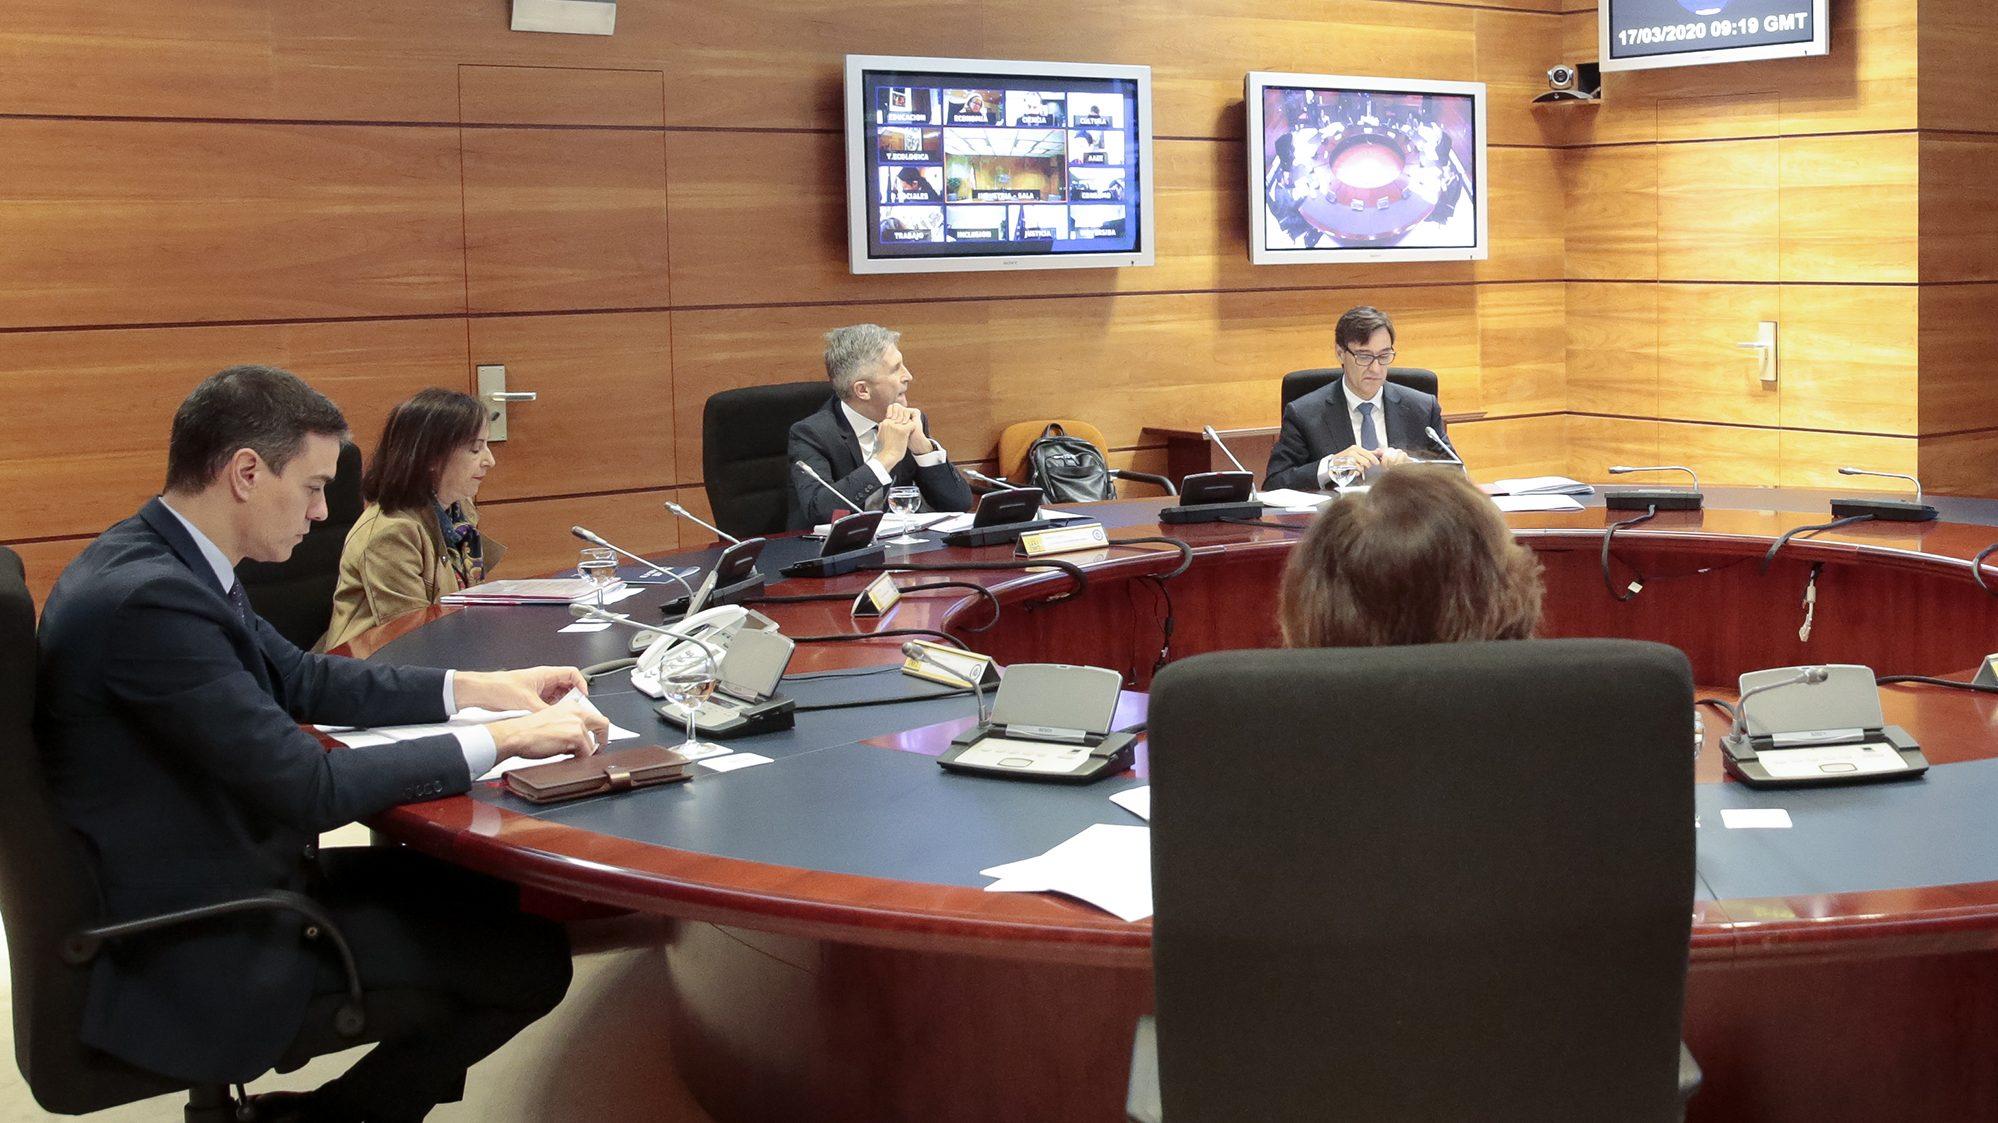 España moviliza 200.000 millones para frenar el deterioro económico